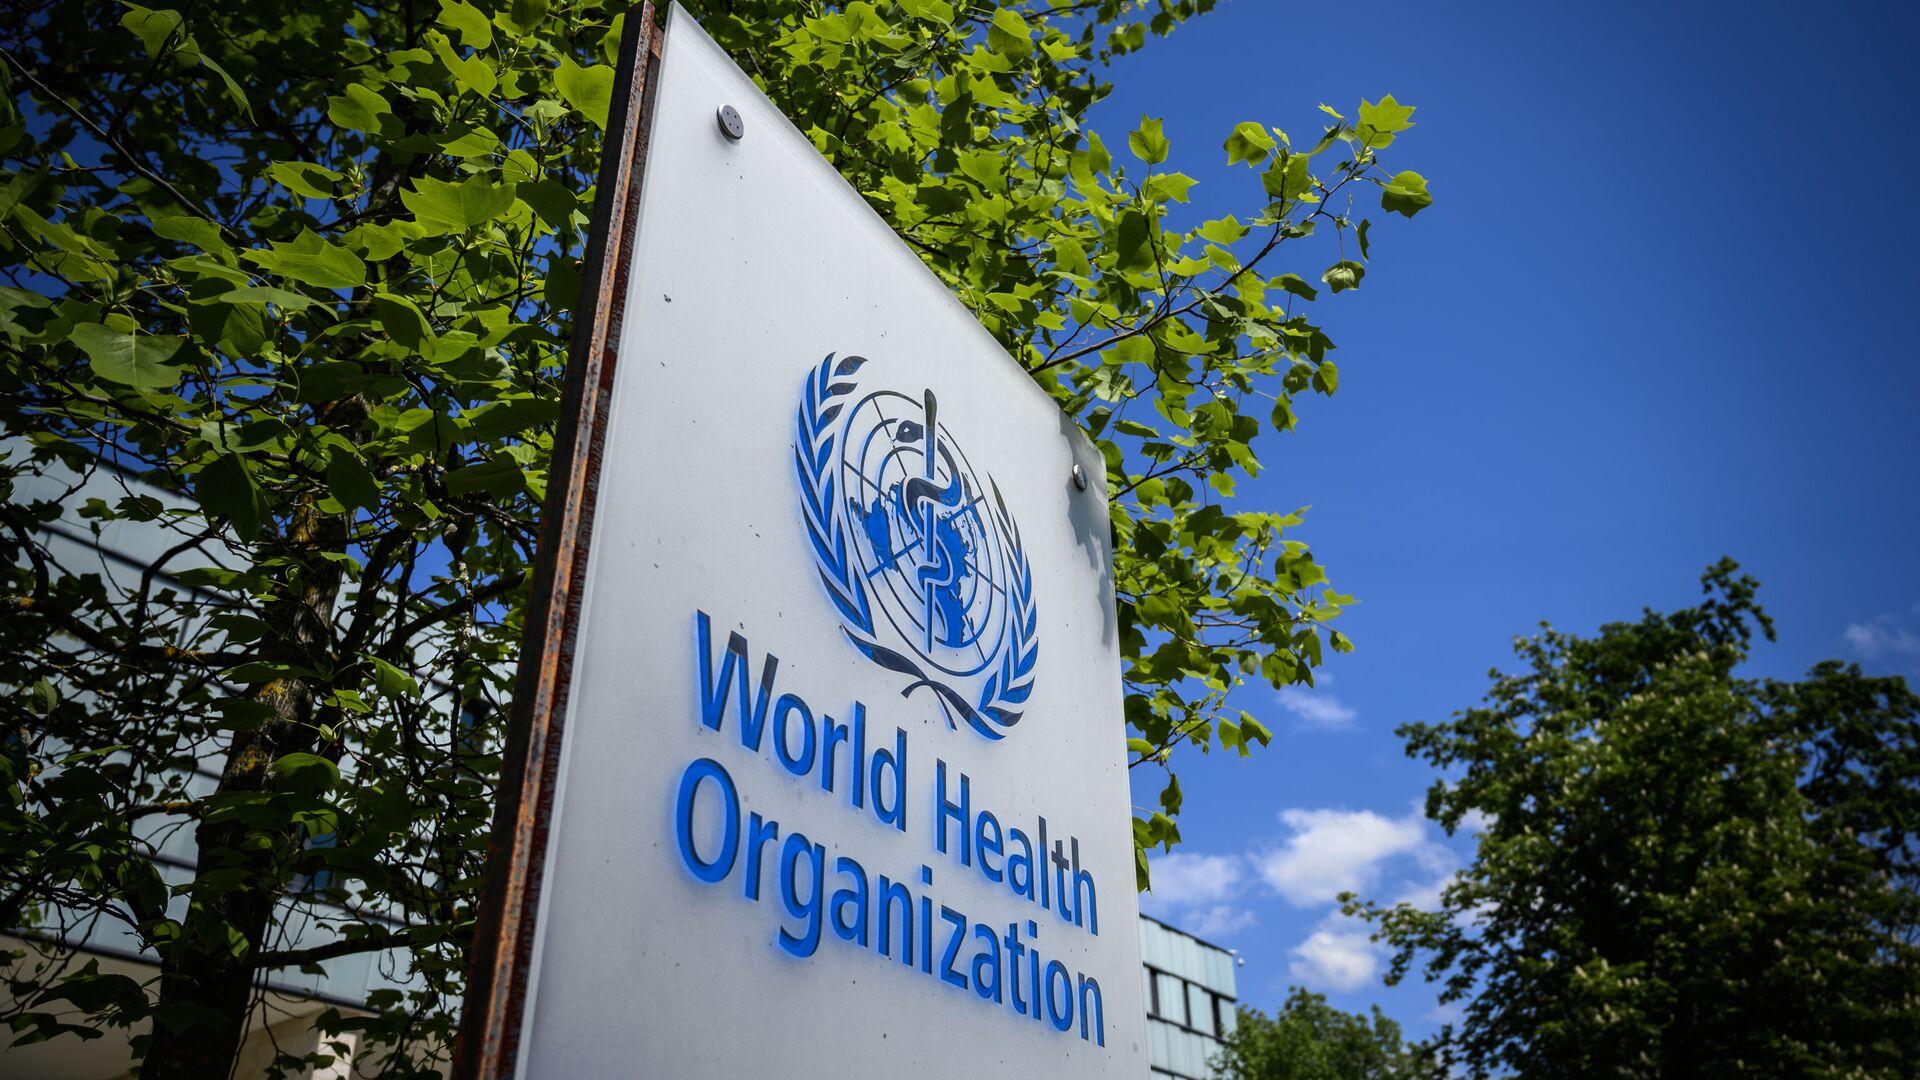 Штаб-квартира Всемирной организации здравоохранения (ВОЗ) в Женеве, фото из архива - Sputnik Azərbaycan, 1920, 29.09.2021